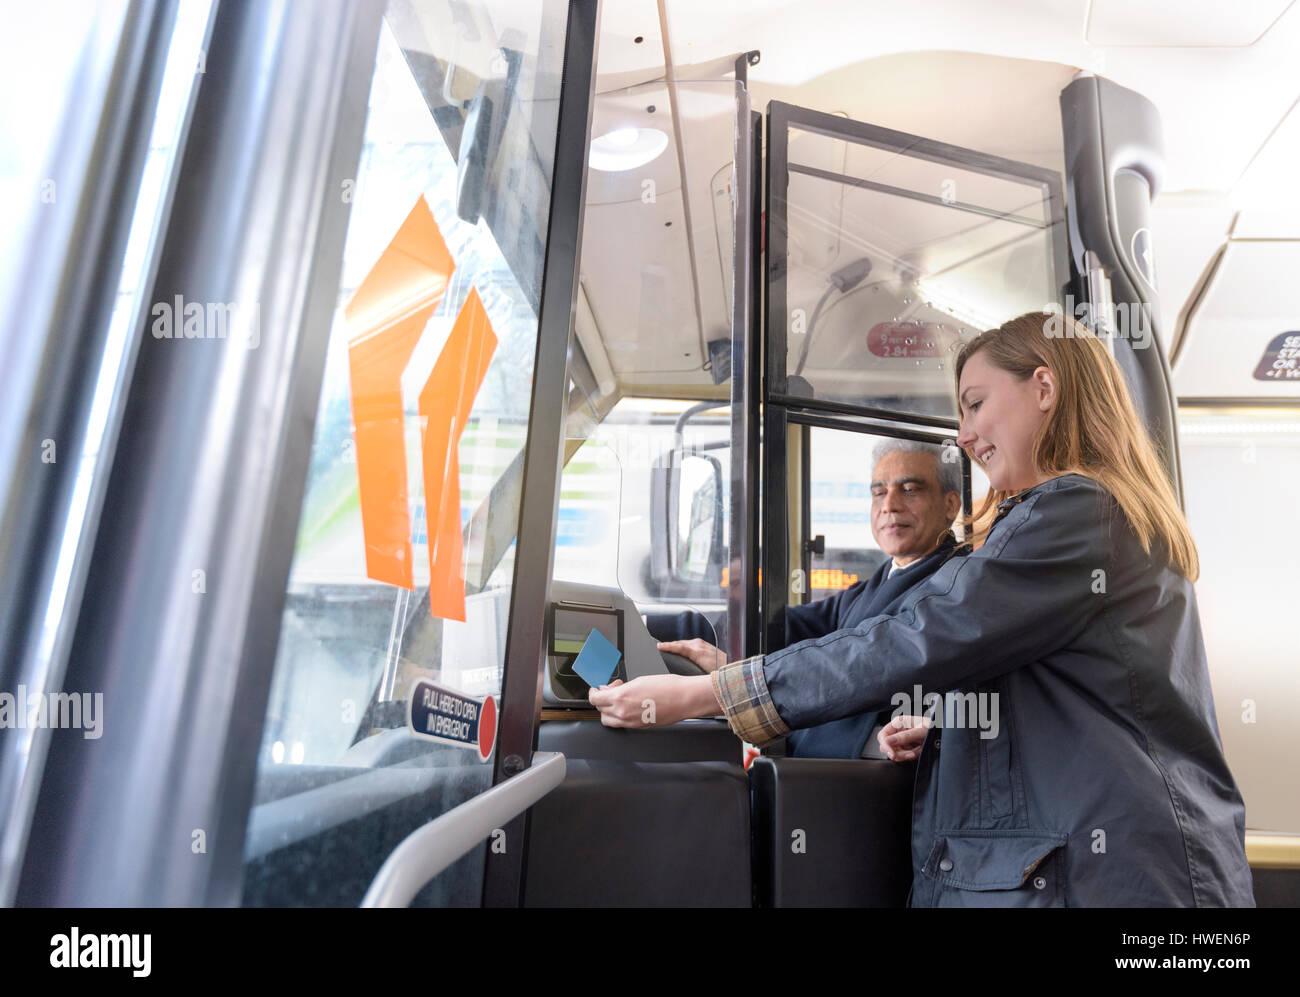 Chofer de autobús con los pasajeros pasar tarjeta de viaje en autobús eléctrico Imagen De Stock